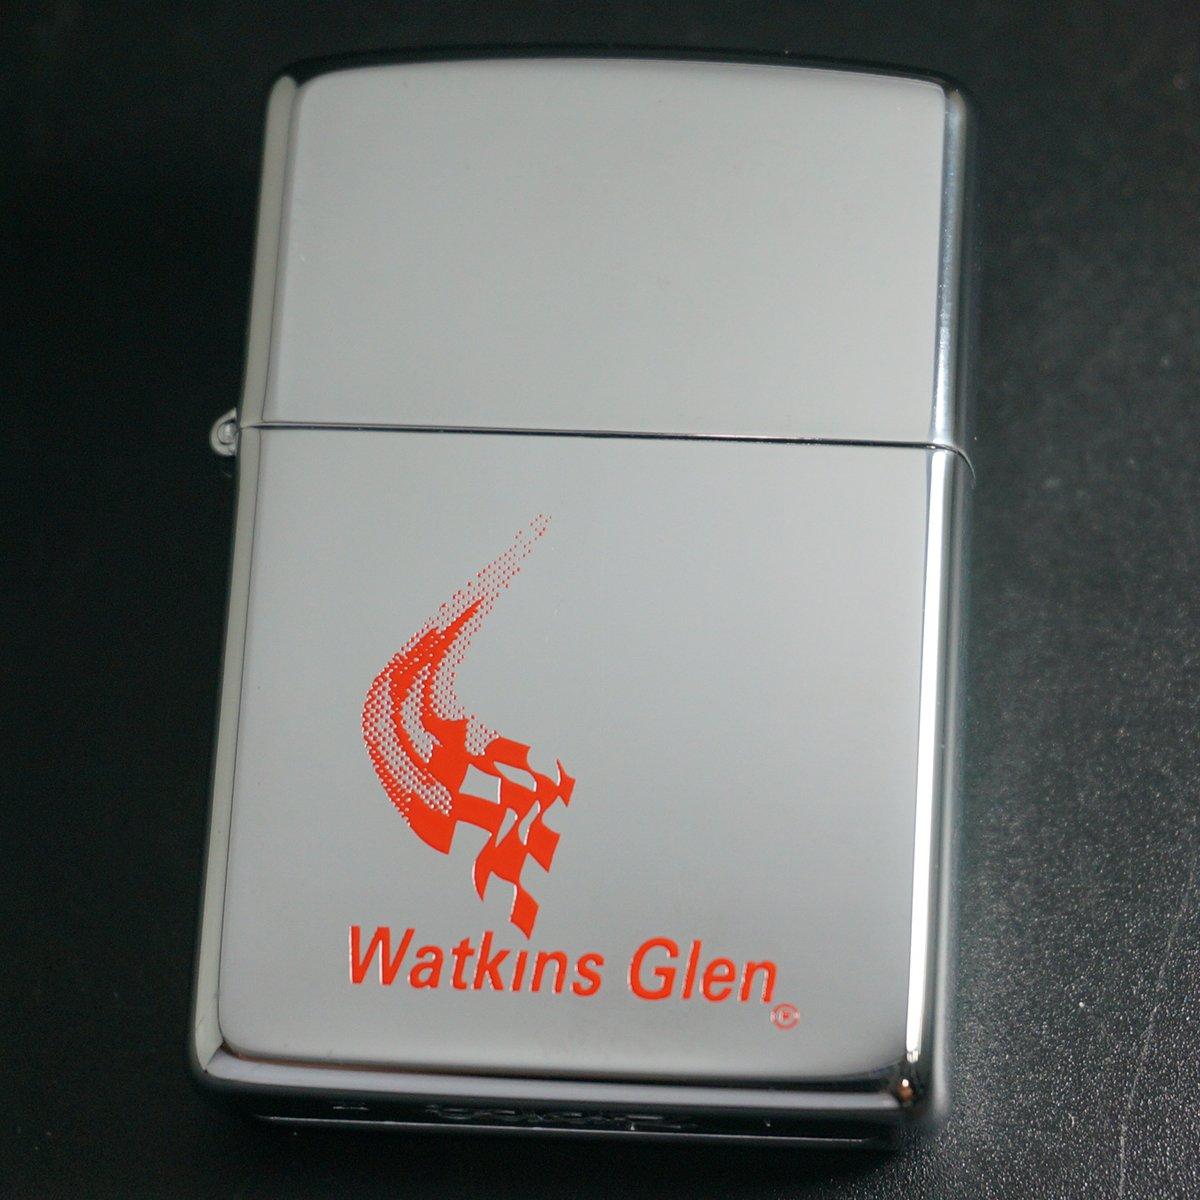 100%安い zippo Watkins Watkins Glen Glen B073J7WT4Z 1993年製造 B073J7WT4Z, バッグ リュック 財布のベレッツァ:b170c3ba --- smaphoneapp.xyz